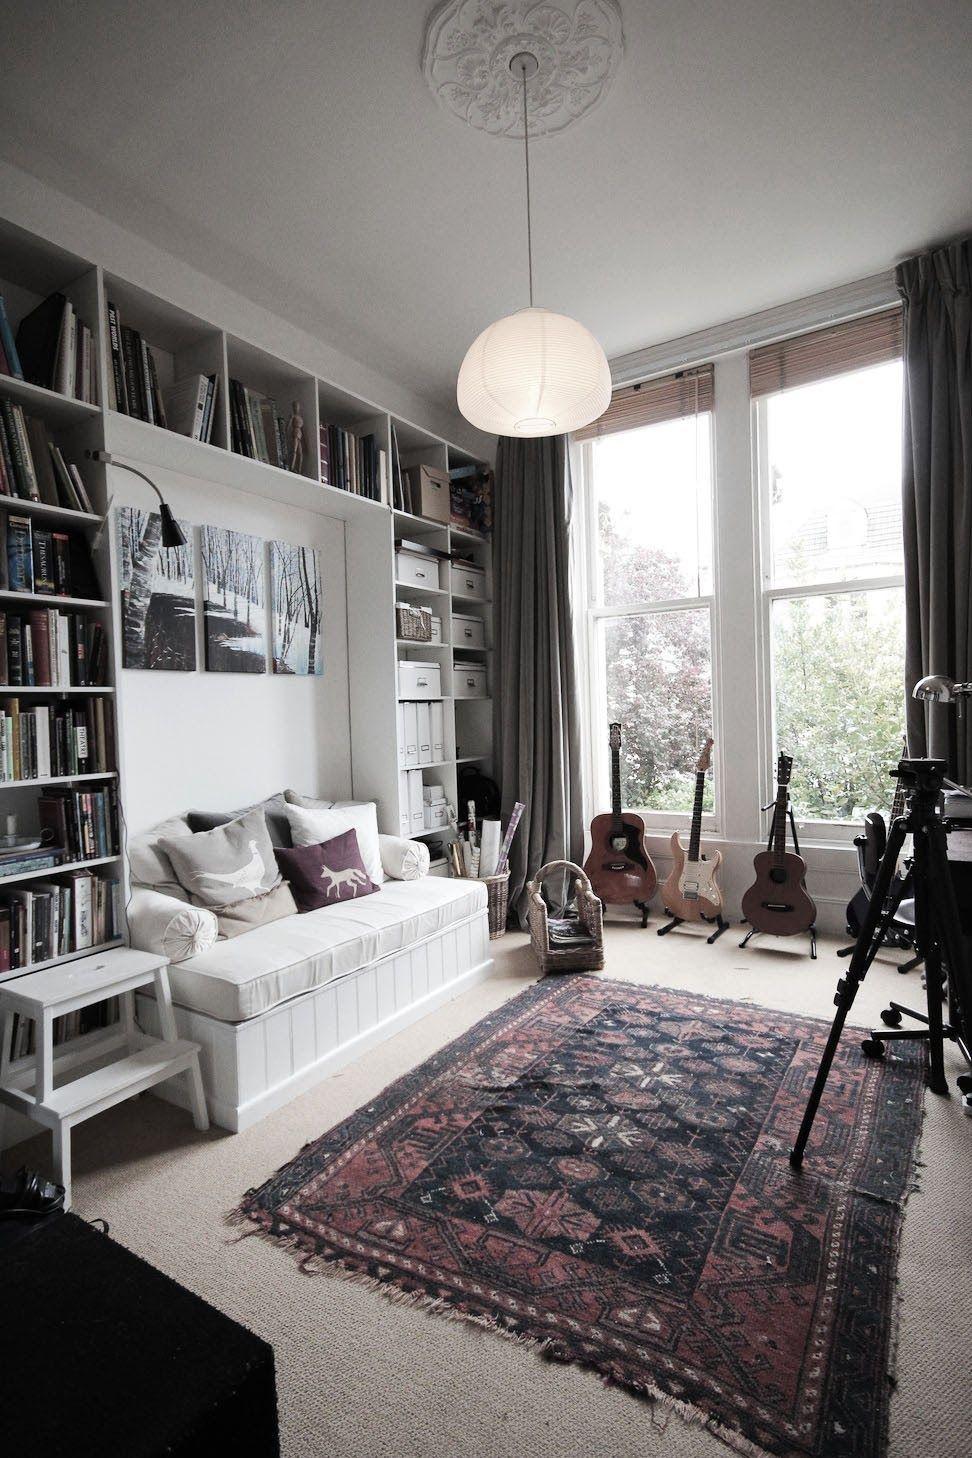 Un Canape Lit Est Souvent Utile Lorsque L 39 On Vit Dans Un Petit Appartement Et Qu 39 On Recoit Des Amis Voici Petit Canape Lit Canape Lit Decoration Lit